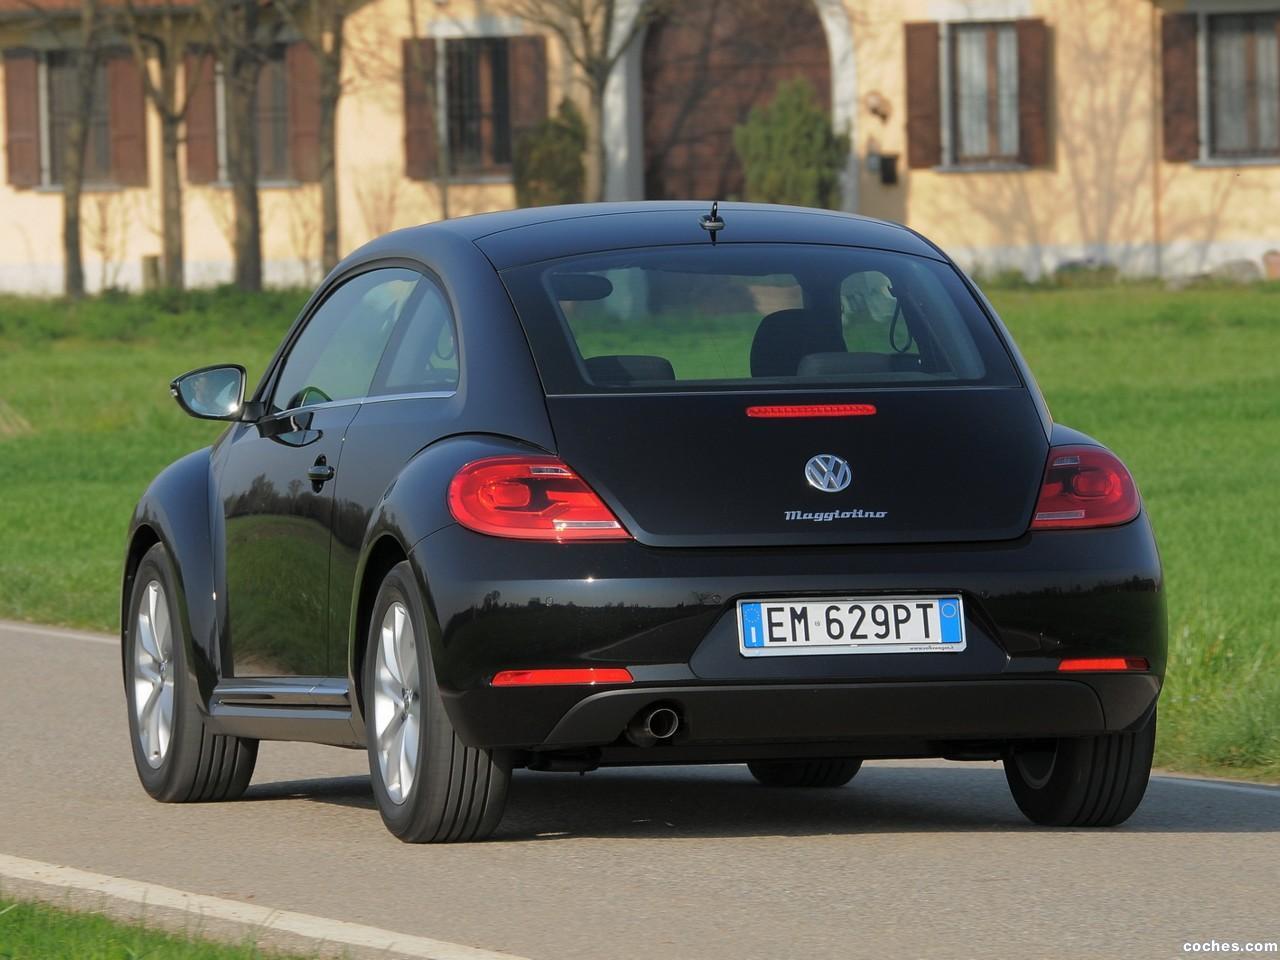 Foto 8 de Volkswagen Maggiolino 2012